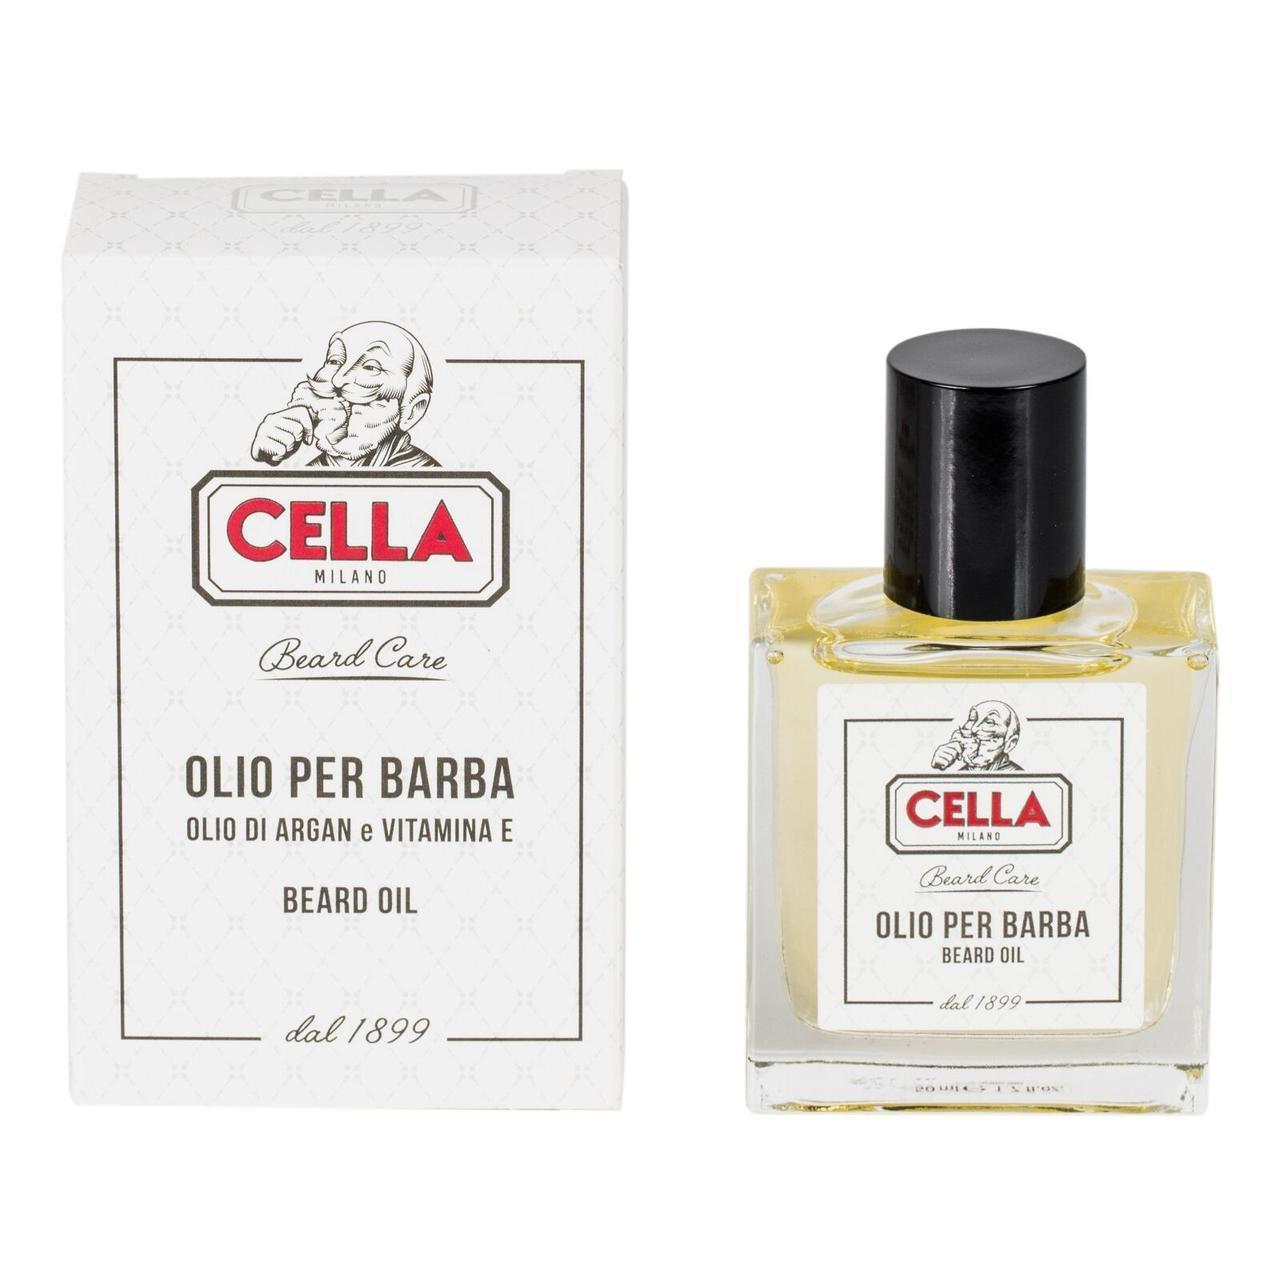 Итальянское масло для ухода за бородой Cella Beard oil, 50 мл